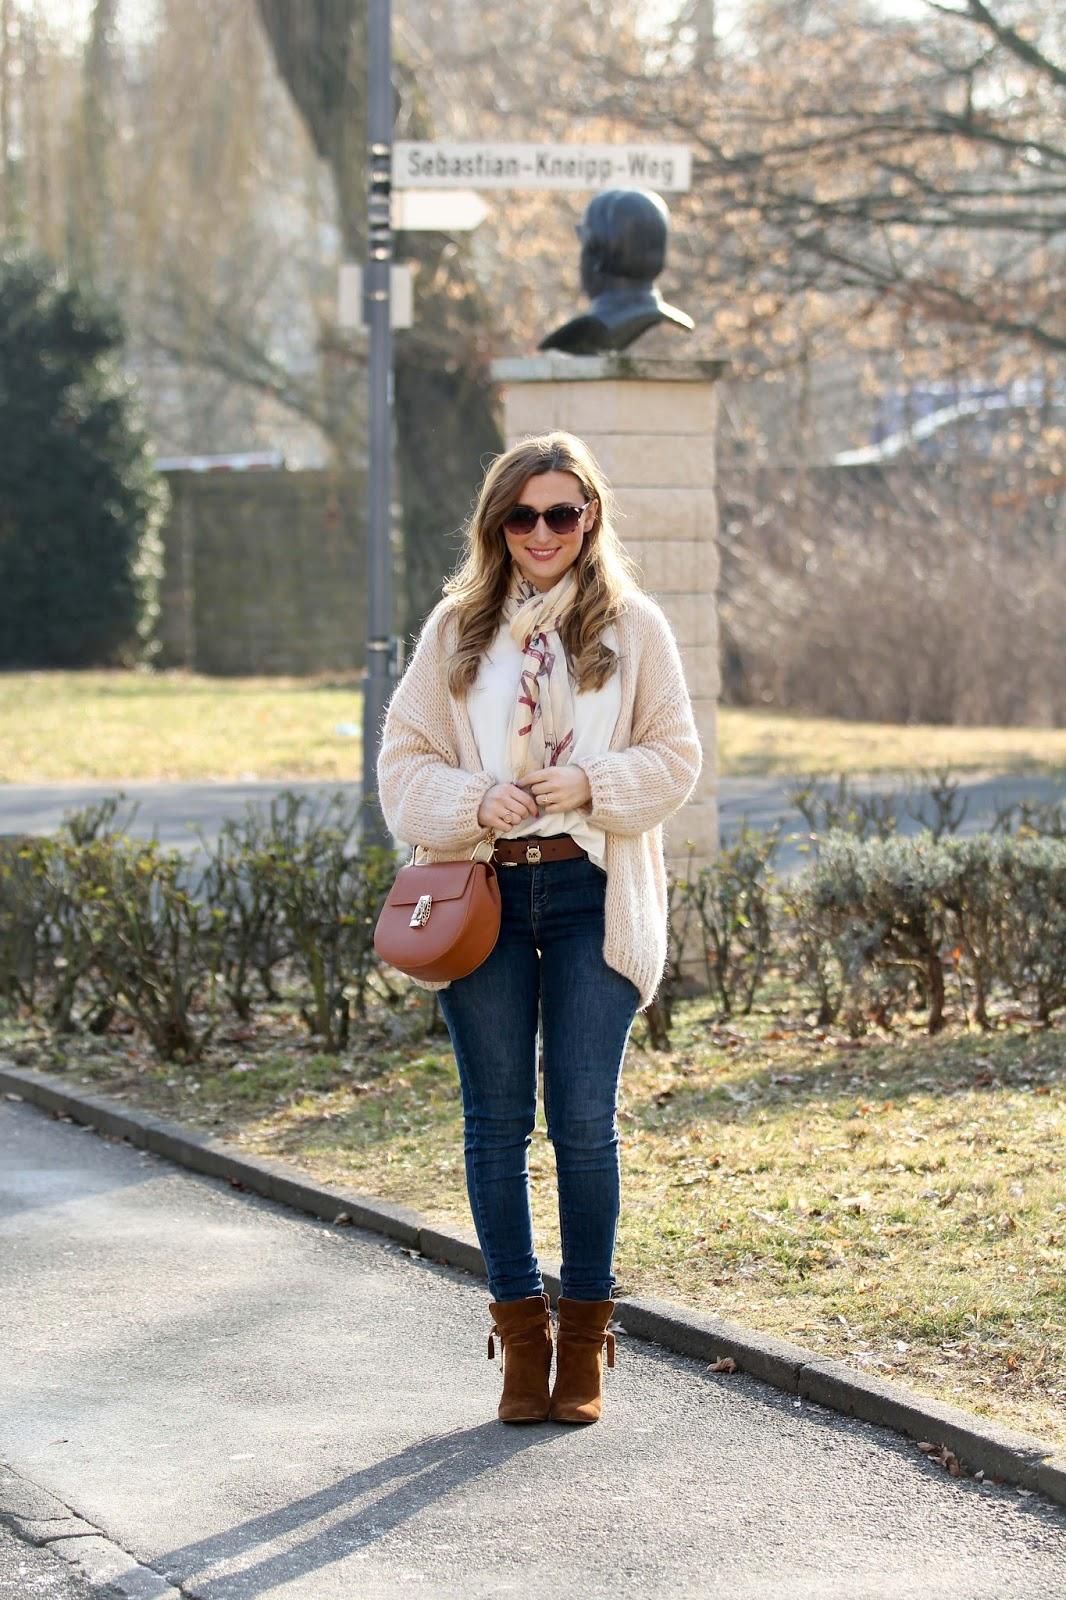 Deutsche-Fashionblogger-Fashinblogger-aus-deutschland-braune-chloe-tasche